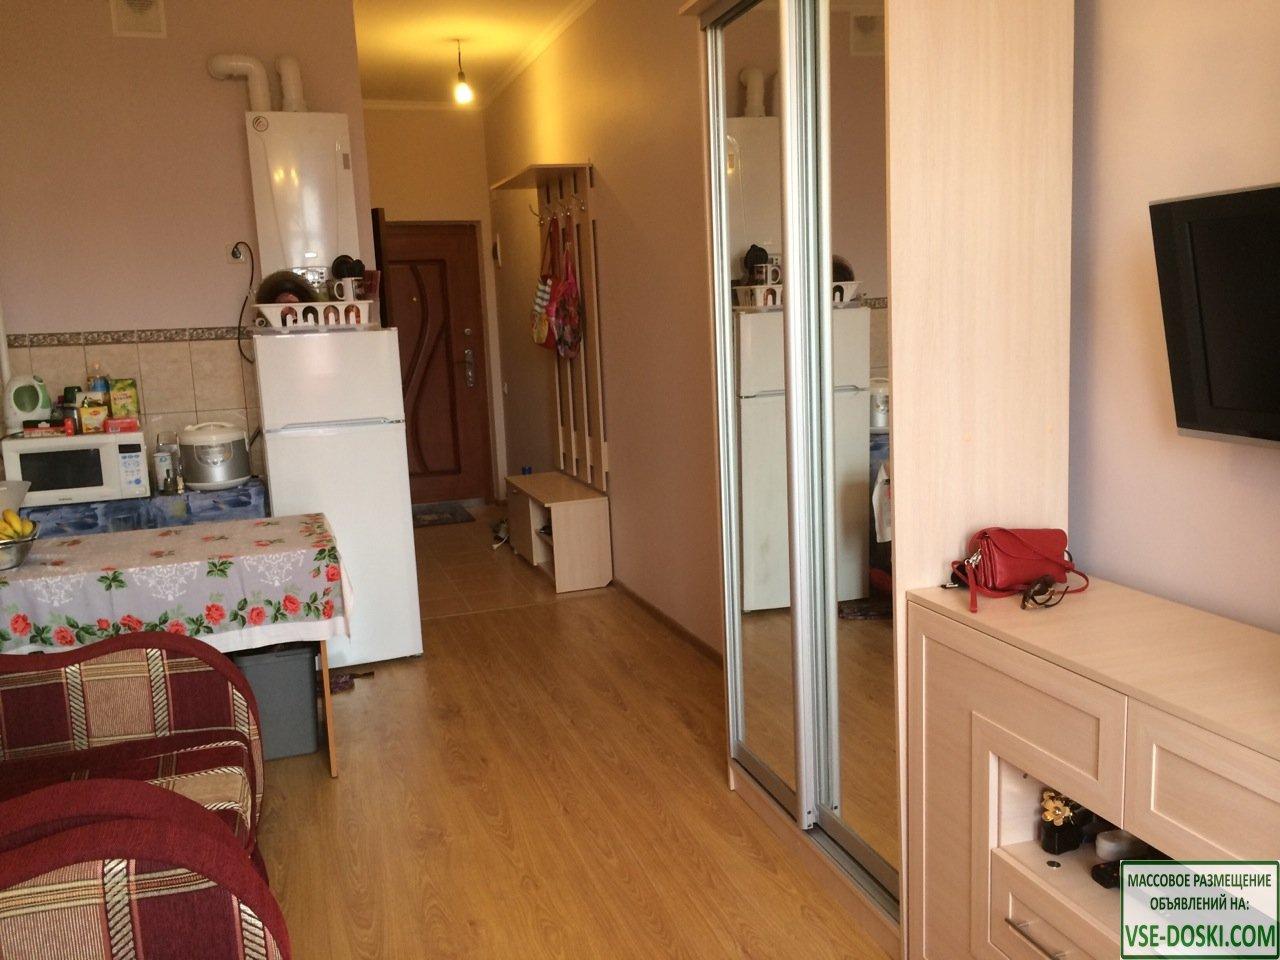 Квартира студия в Сочи